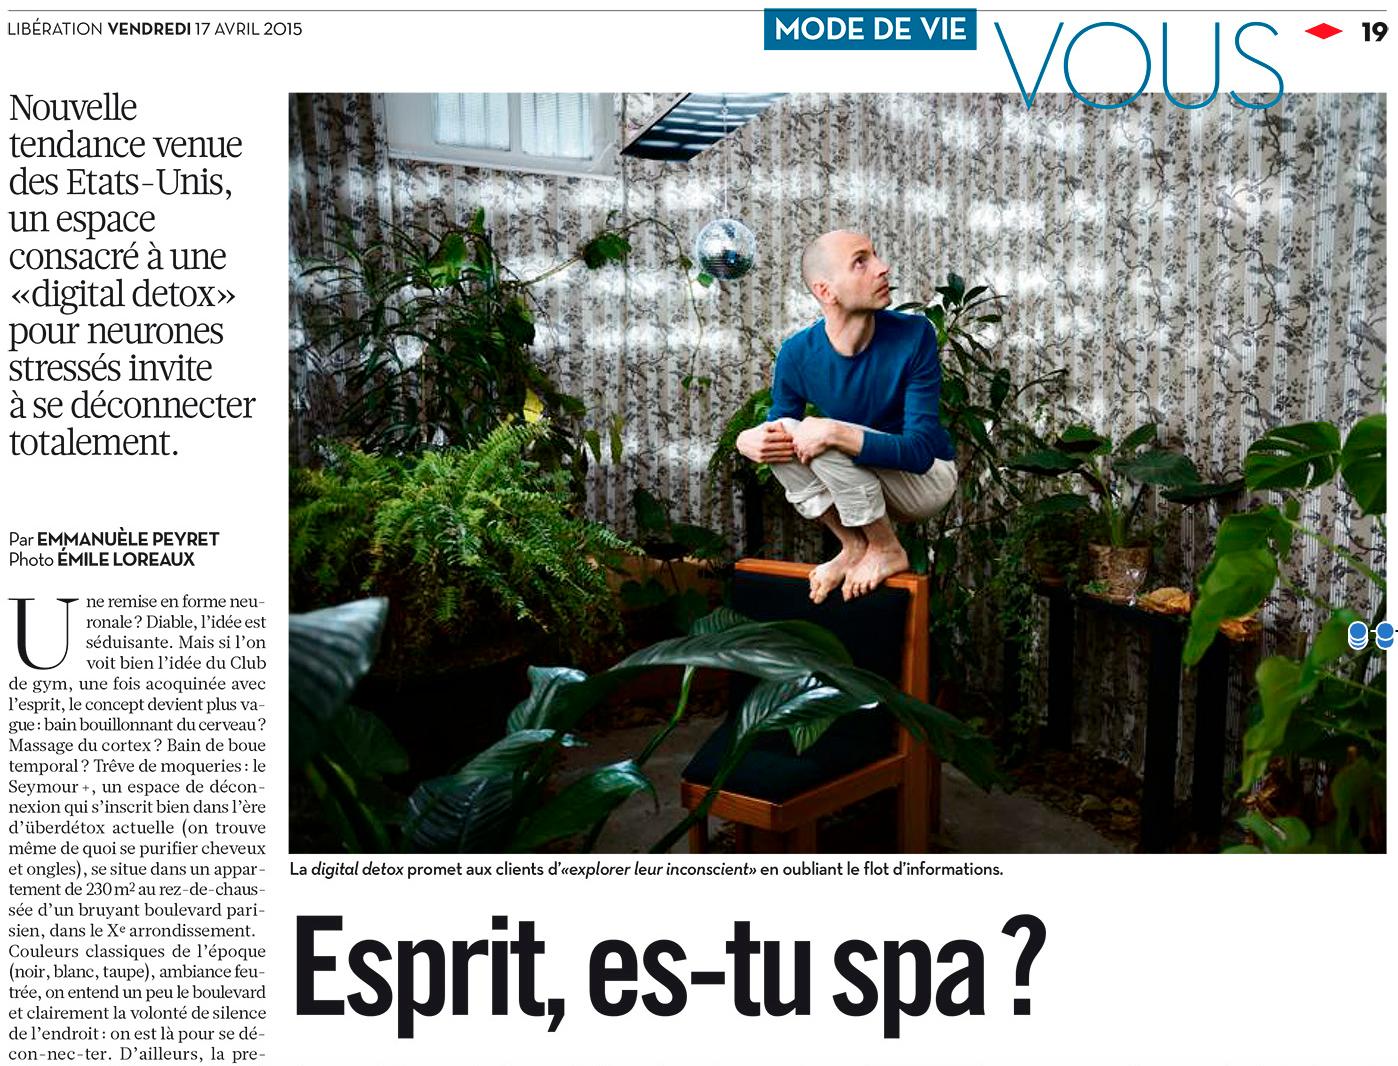 Emile_Loreaux_Libération